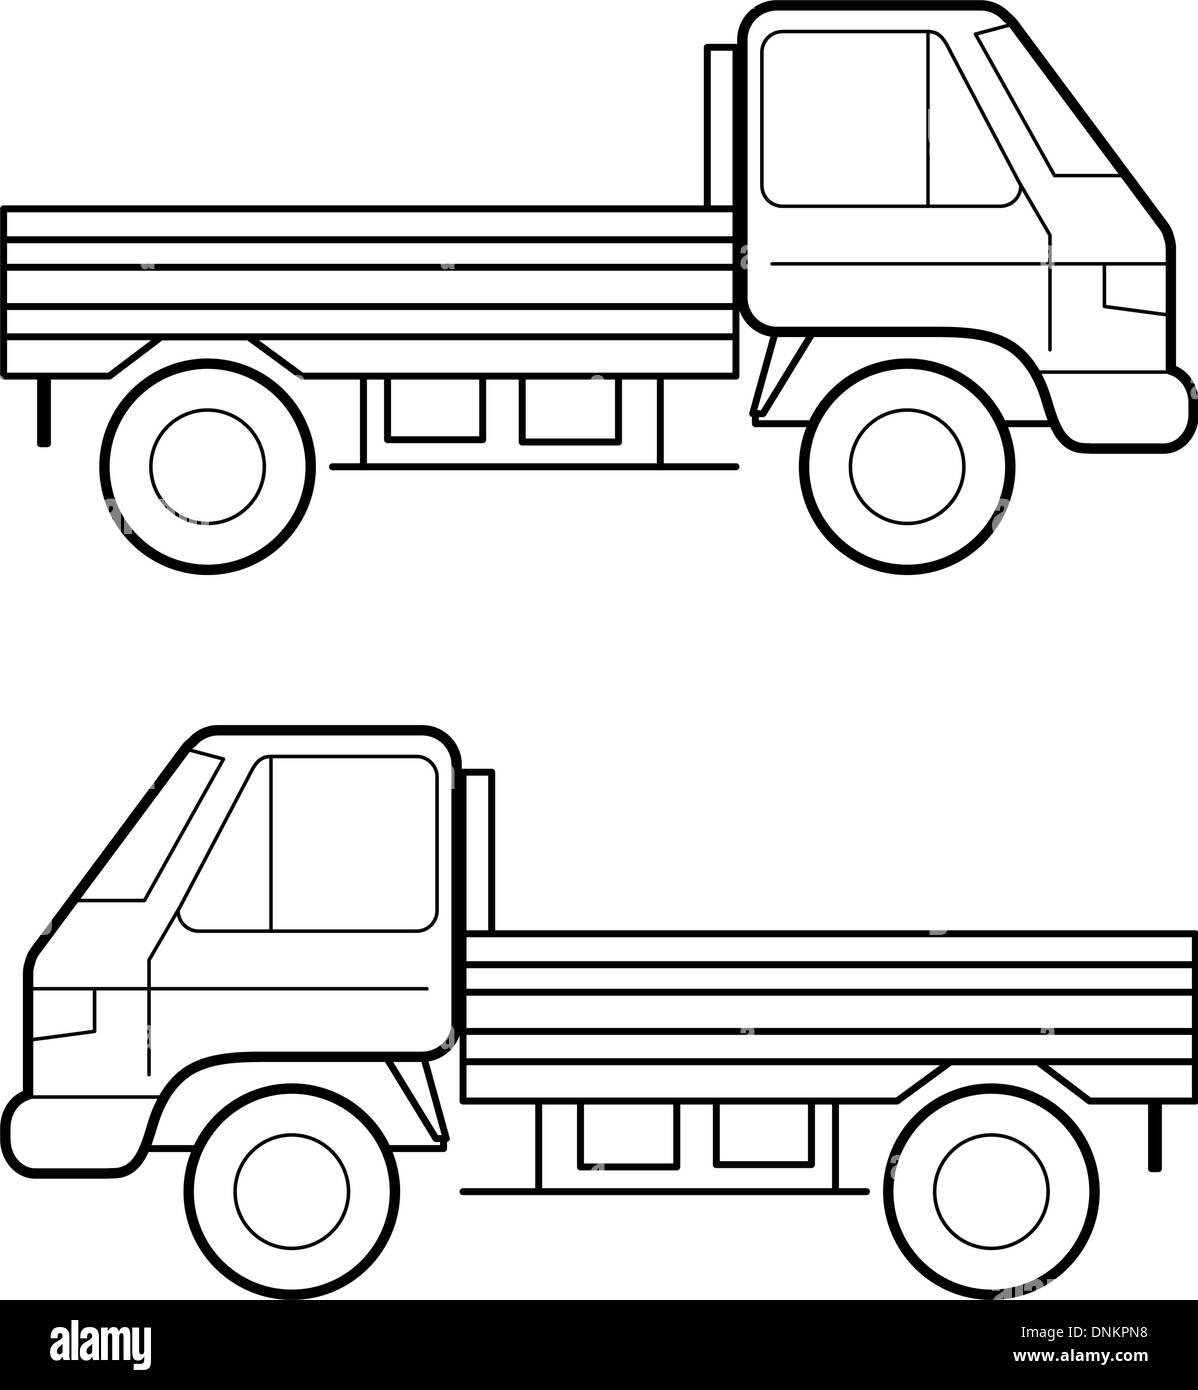 Auto, schwarze Vektorlinien auf weißem Hintergrund Stockbild